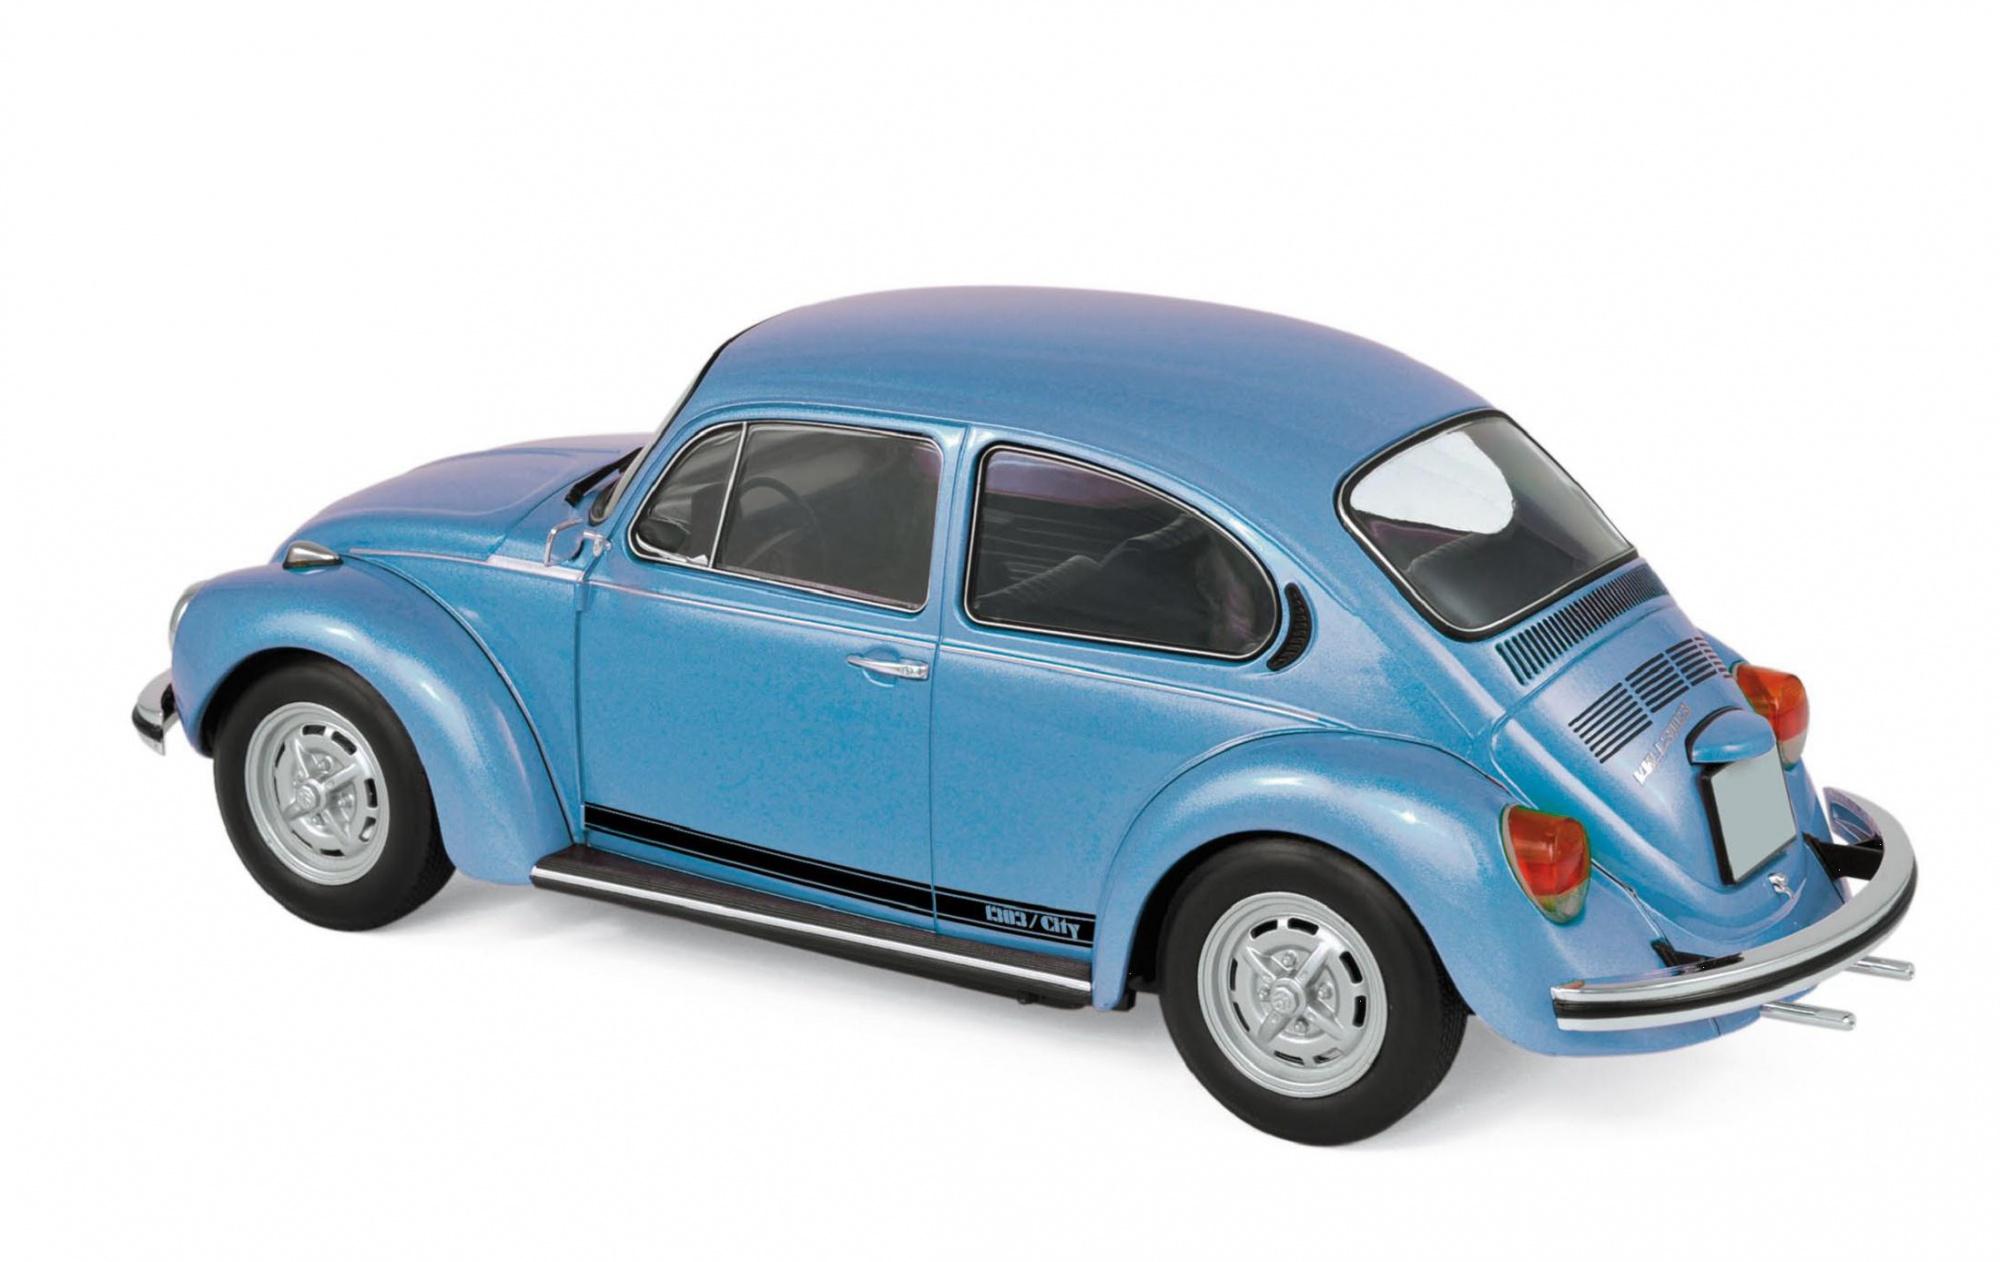 VW 1303 City 1973 Blue Métallic